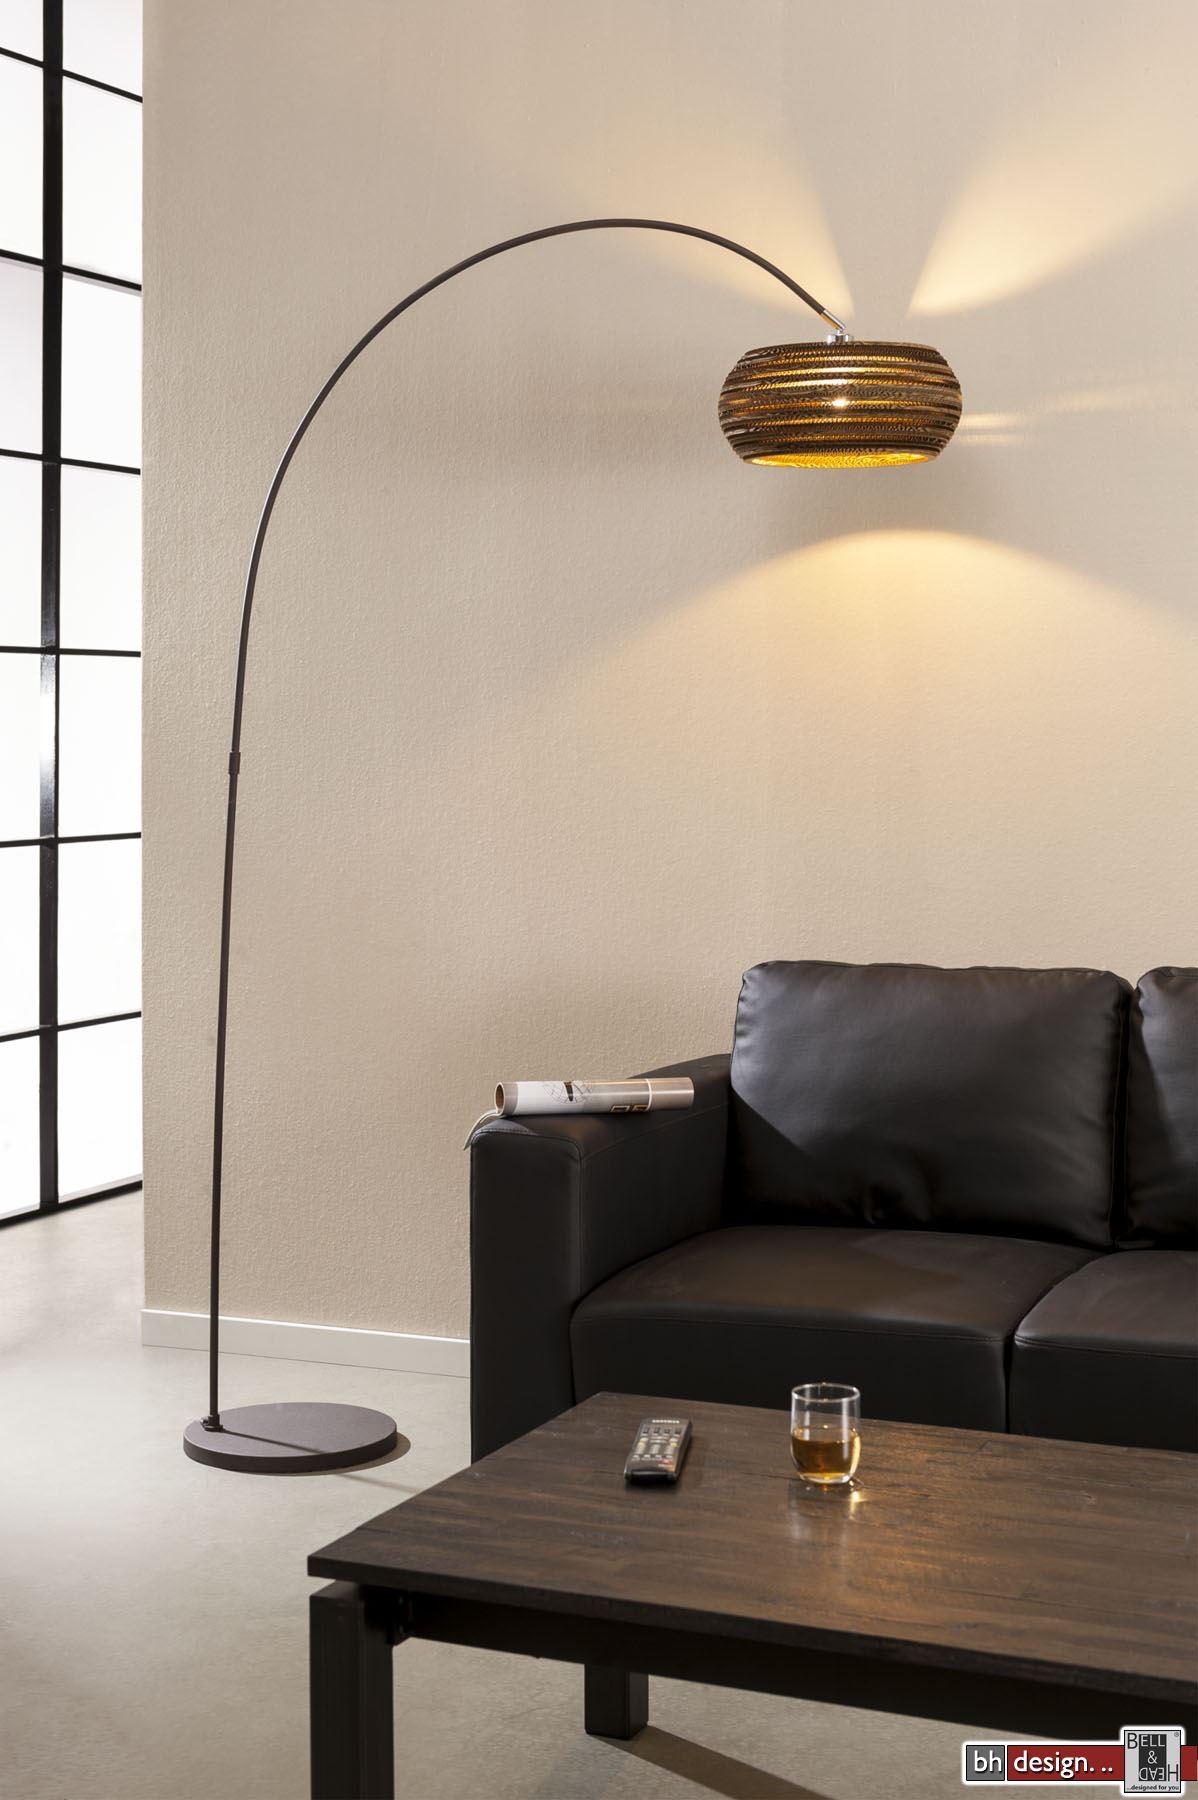 nature line bogenlampe mit karton lampenschirm 200 x 100. Black Bedroom Furniture Sets. Home Design Ideas